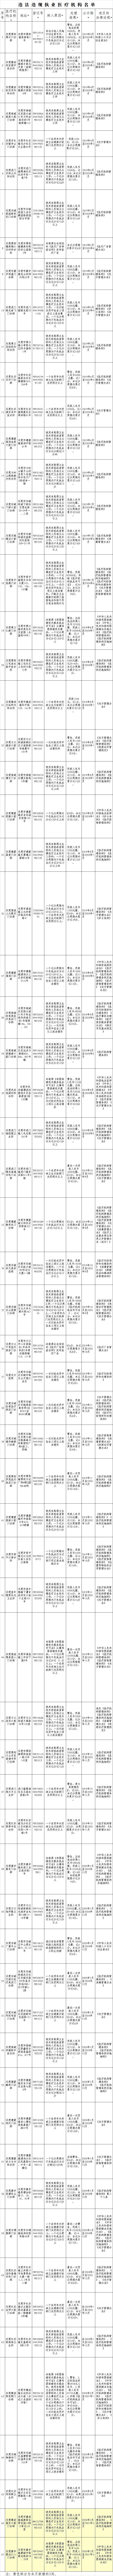 """曝光他们!东莞发布医疗机构""""黑名单""""!插图2"""